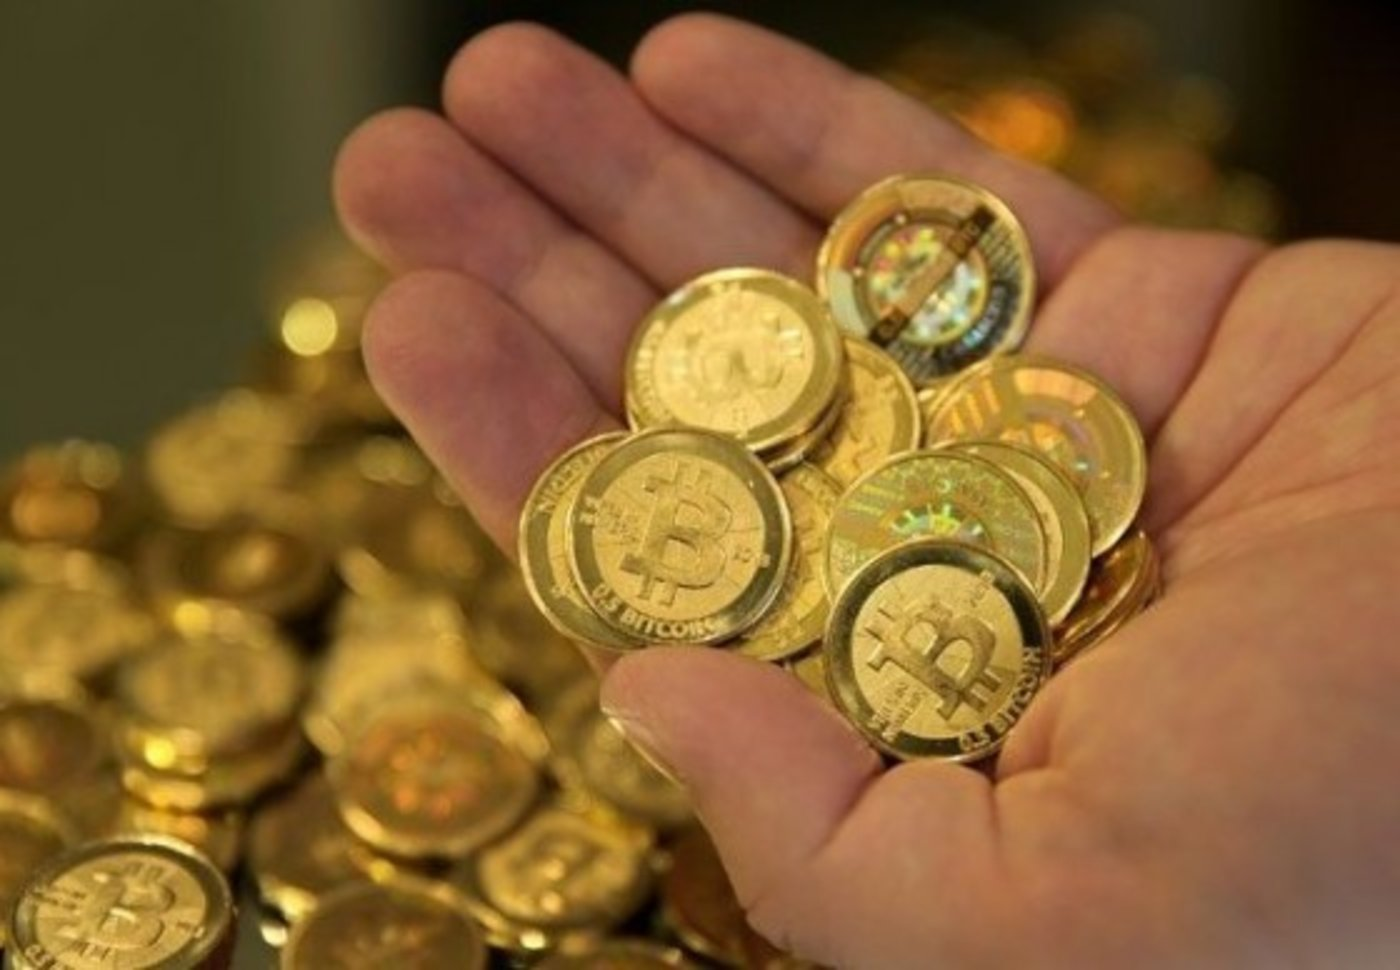 比特币的金本位